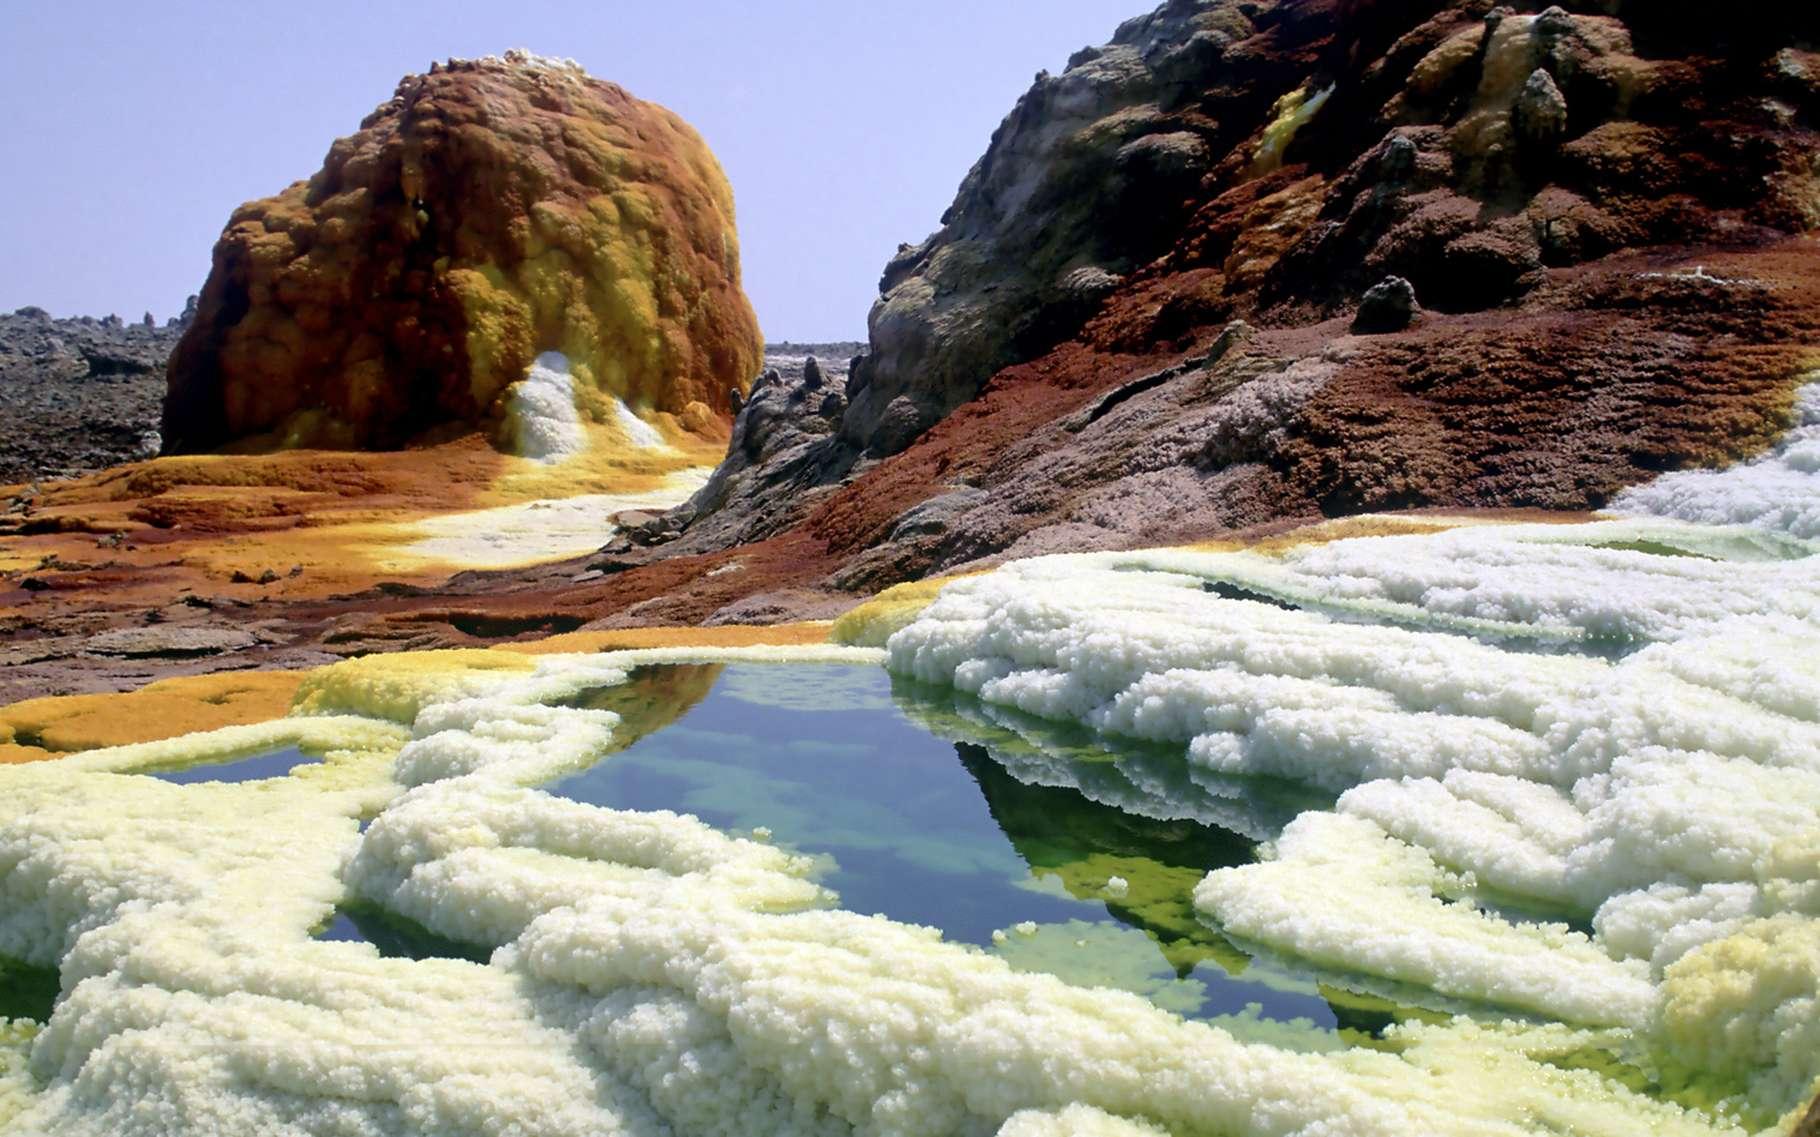 Rarement visités mais diversifiés, les massifs volcaniques d'Éthiopie exhibent des caractéristiques géologiques originales et des paysages magnifiques. © DR